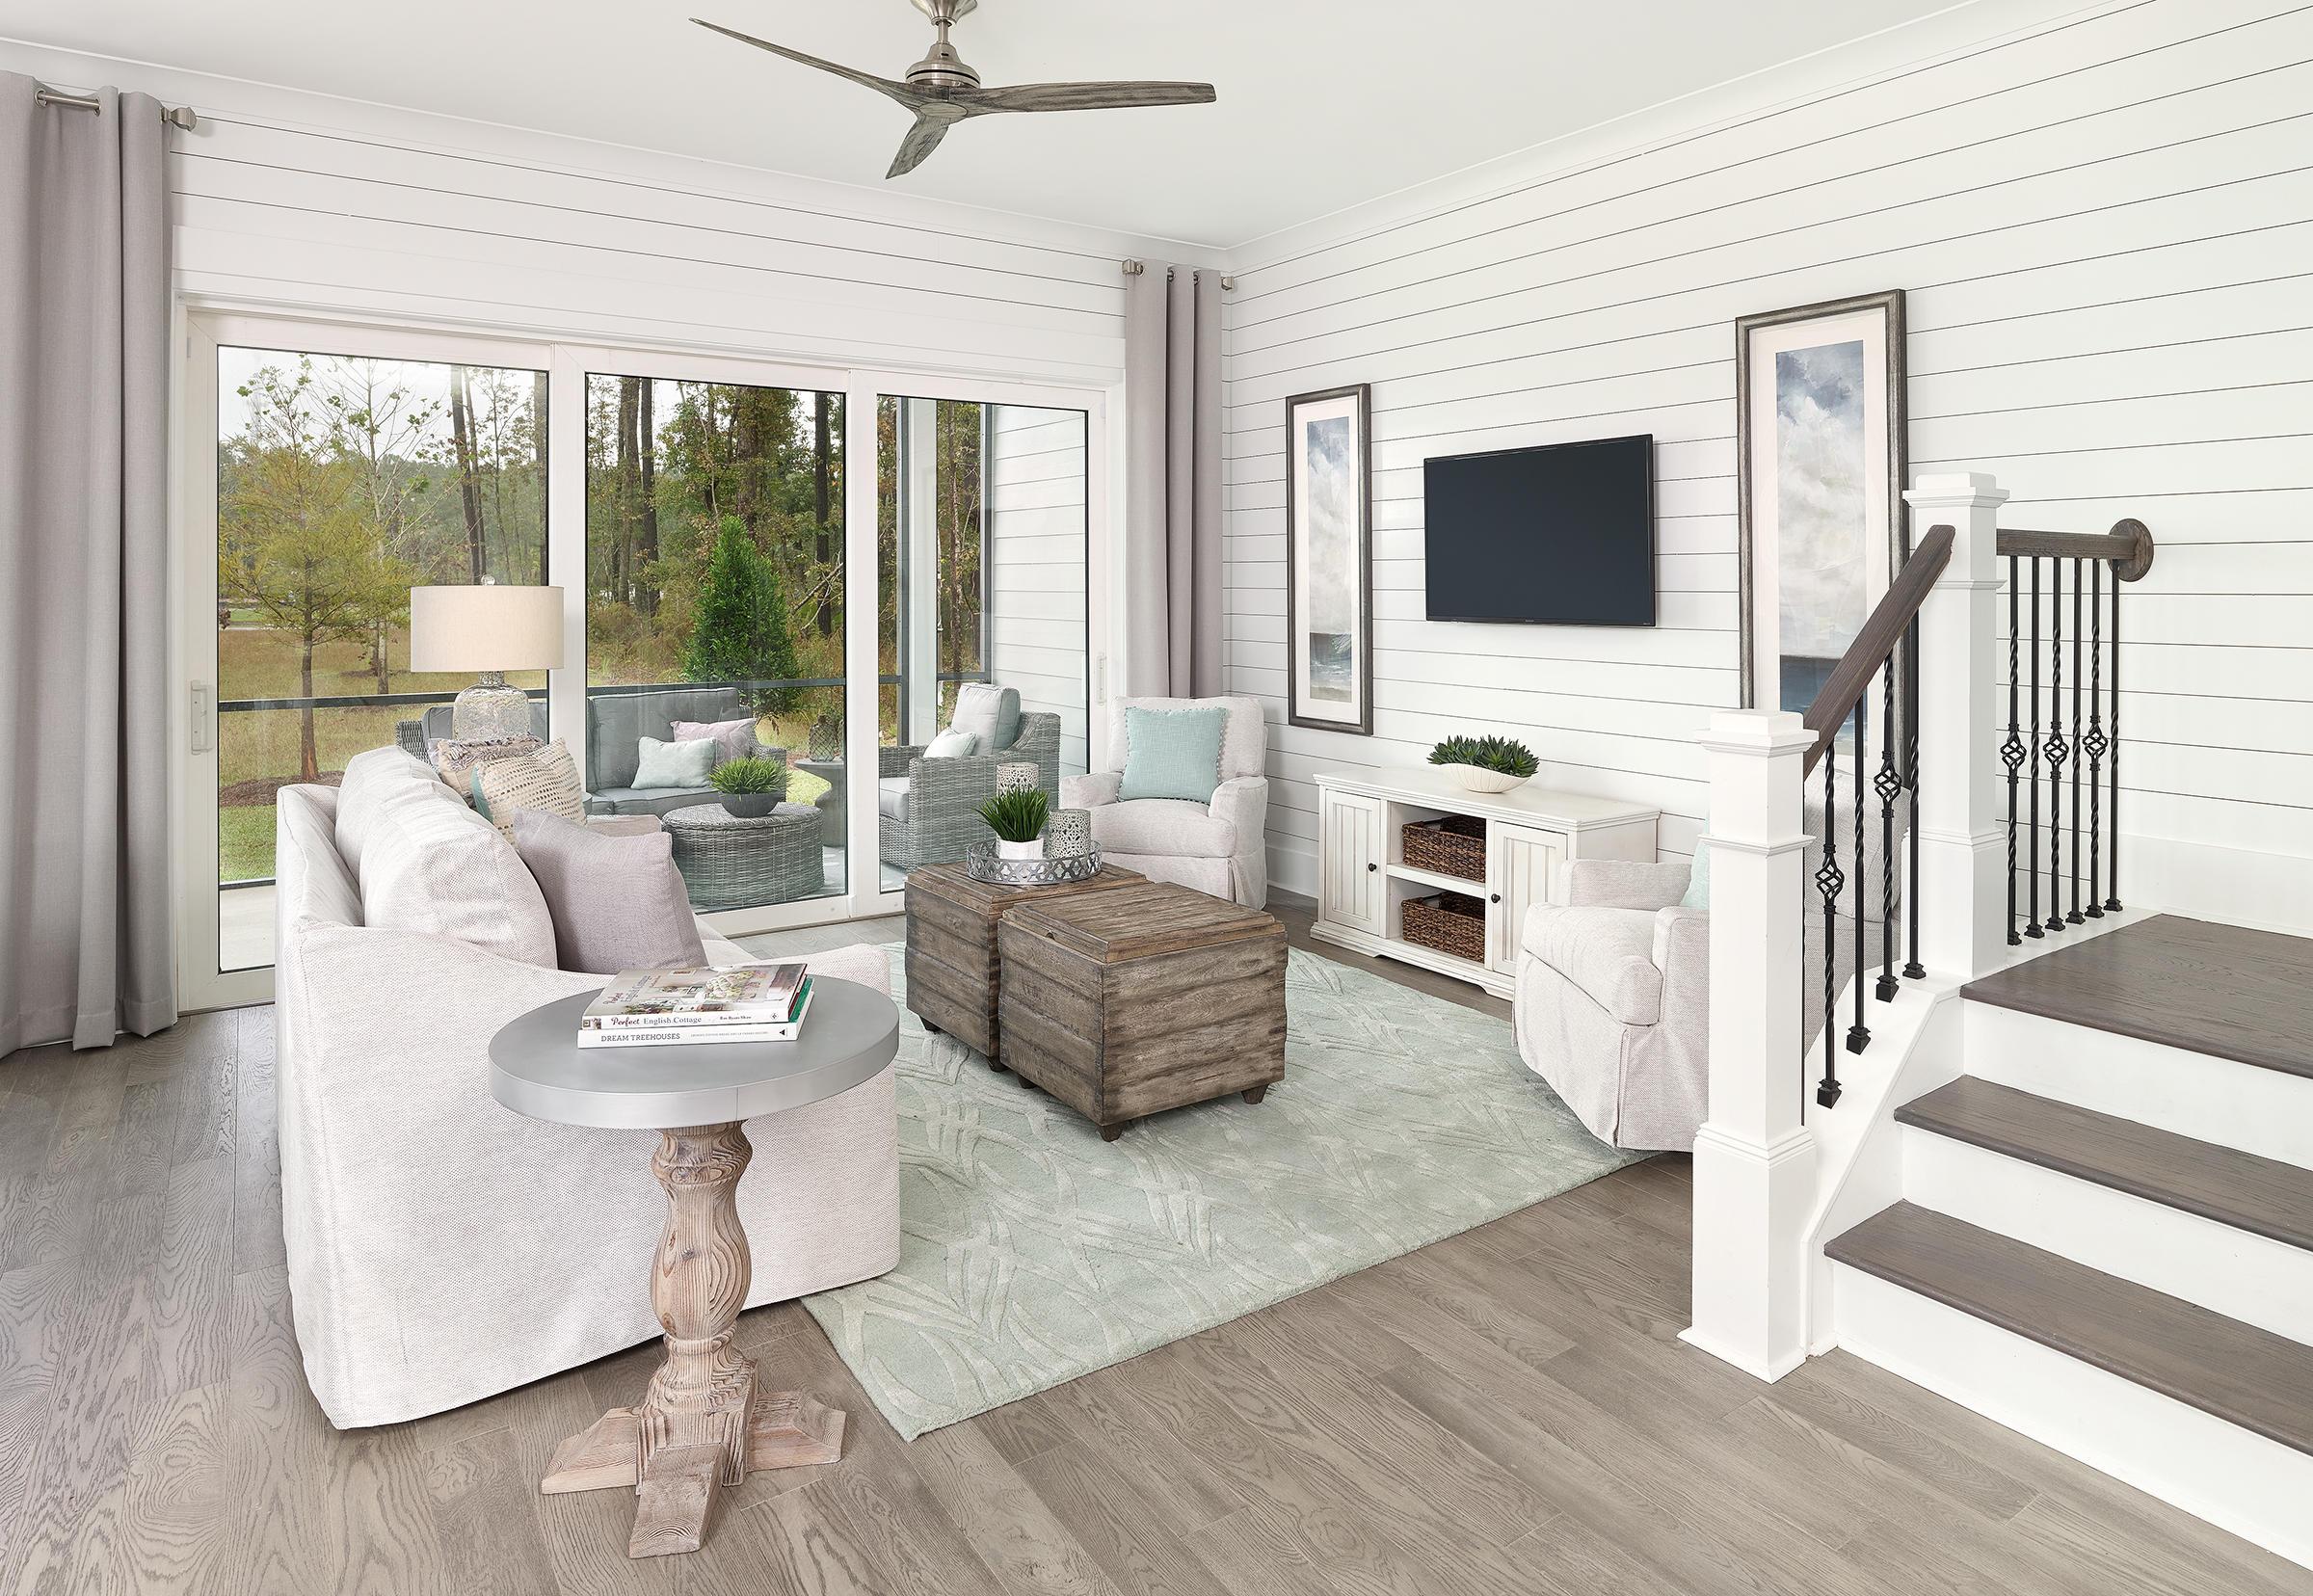 Dunes West Homes For Sale - 2406 Brackish, Mount Pleasant, SC - 10